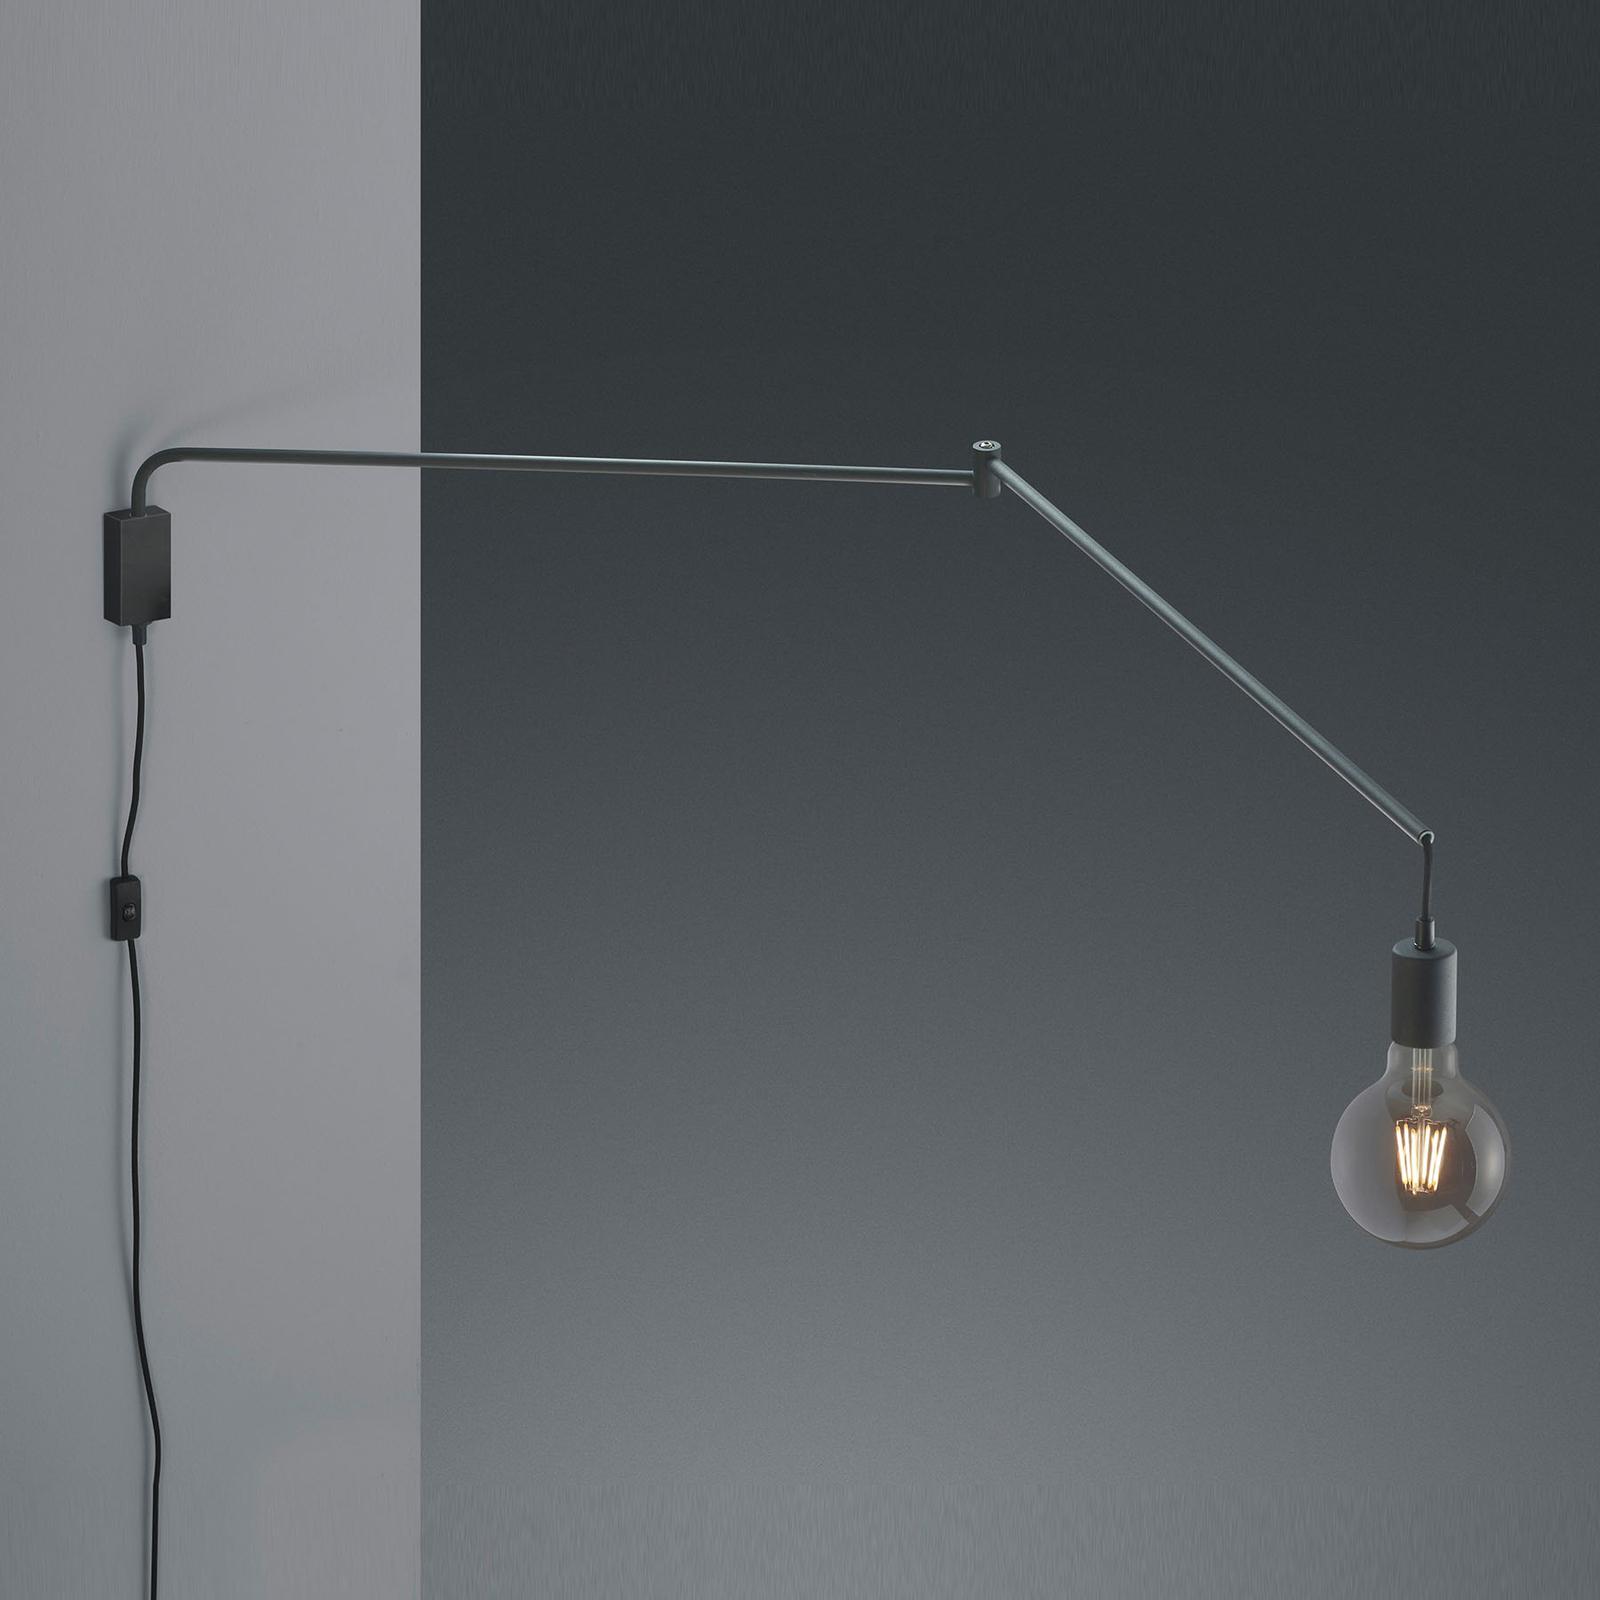 Wandleuchte Line mit Kabel + Stecker, schwarz